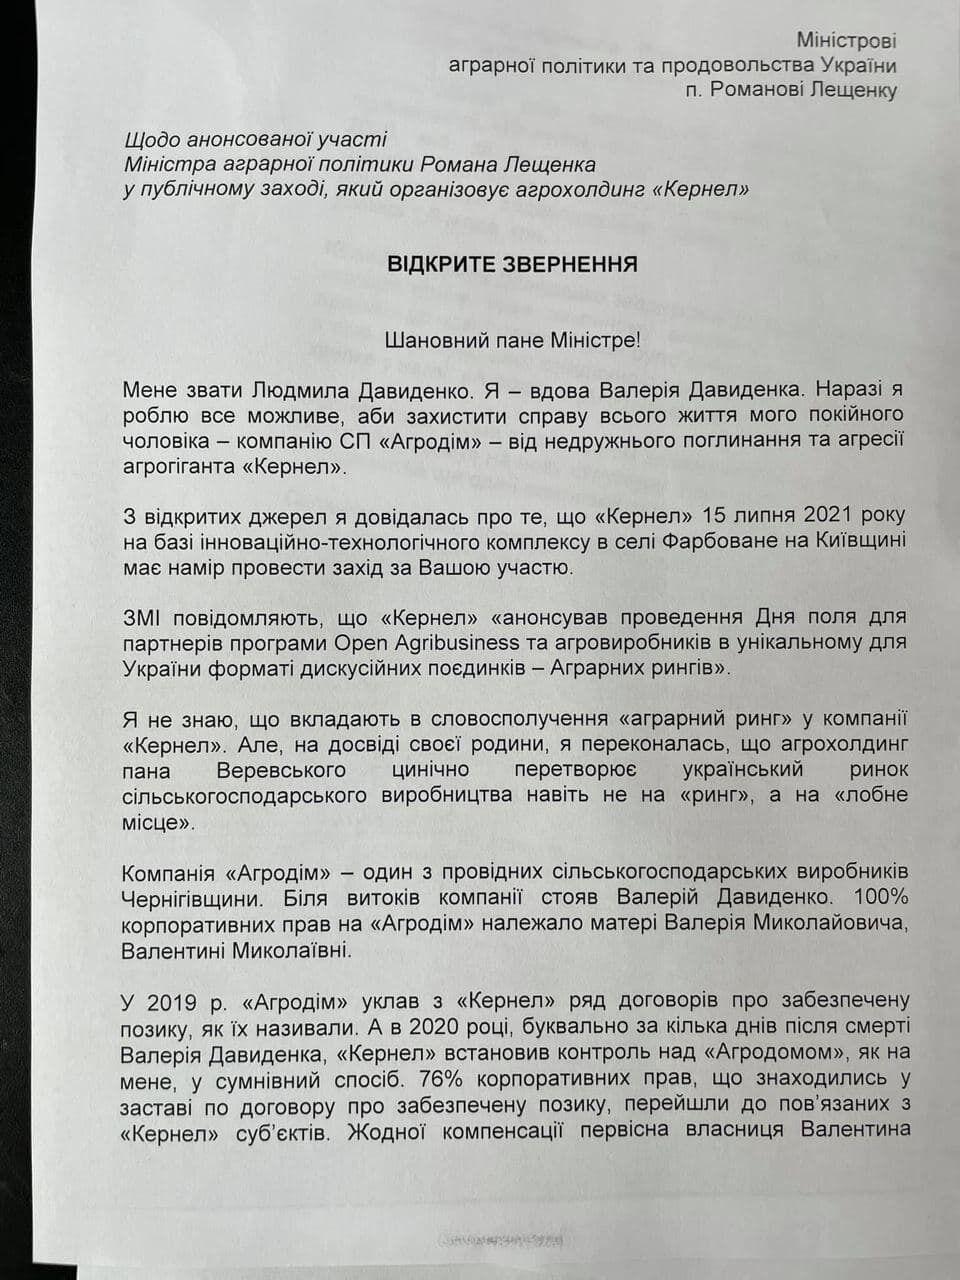 К министру аграрной политики и продовольствия опубликовали открытое обращение